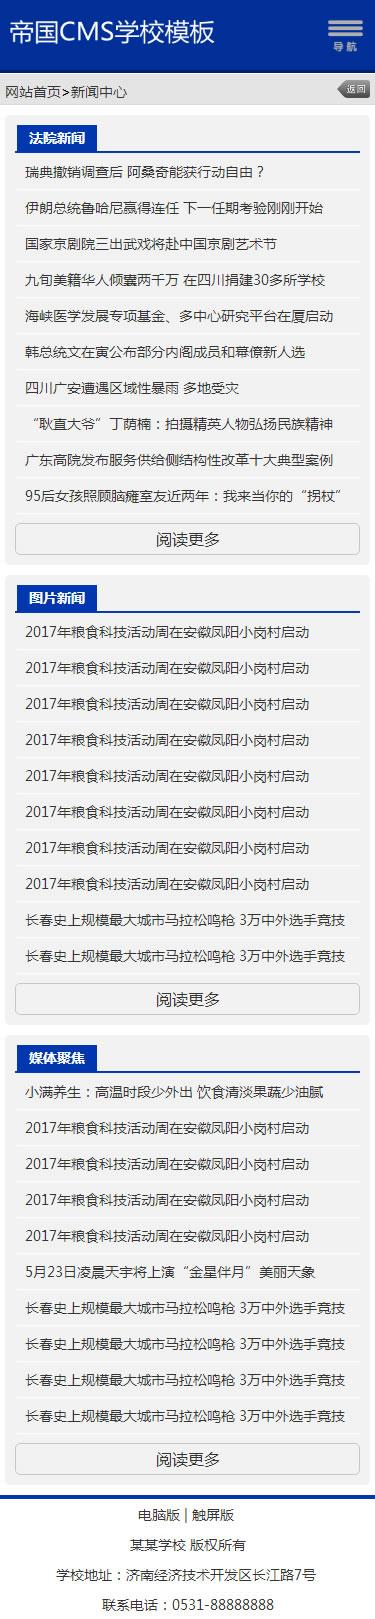 帝国cms学校网站手机模板学校网站wap模板培训教育可改颜色_封面模板